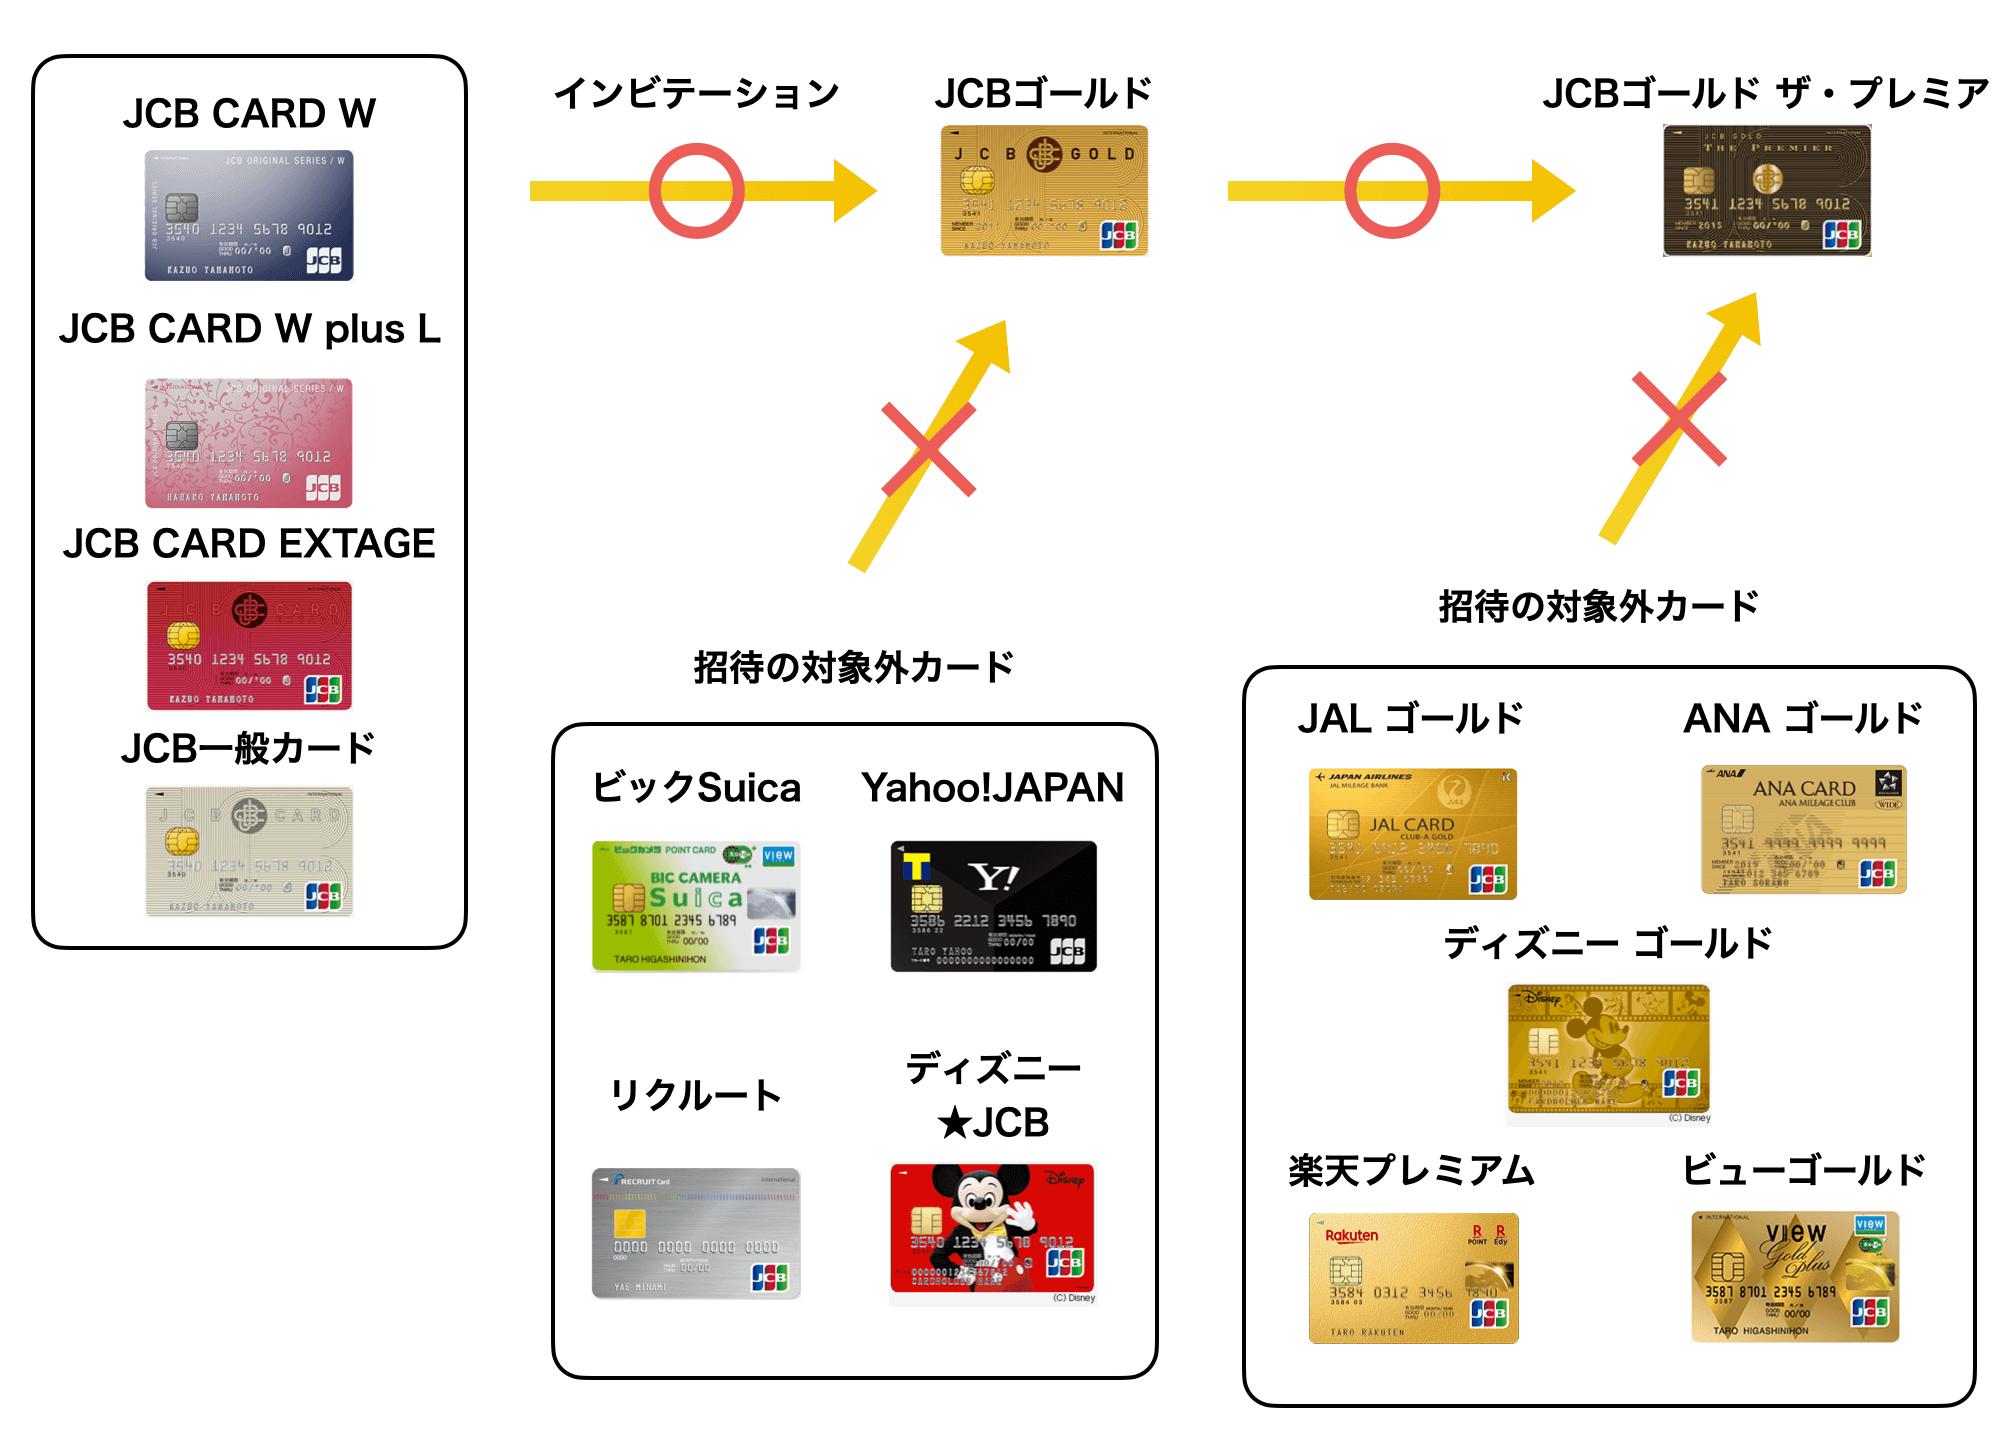 JCBが付いたクレジットカードのインビテーションの例(2021年版)